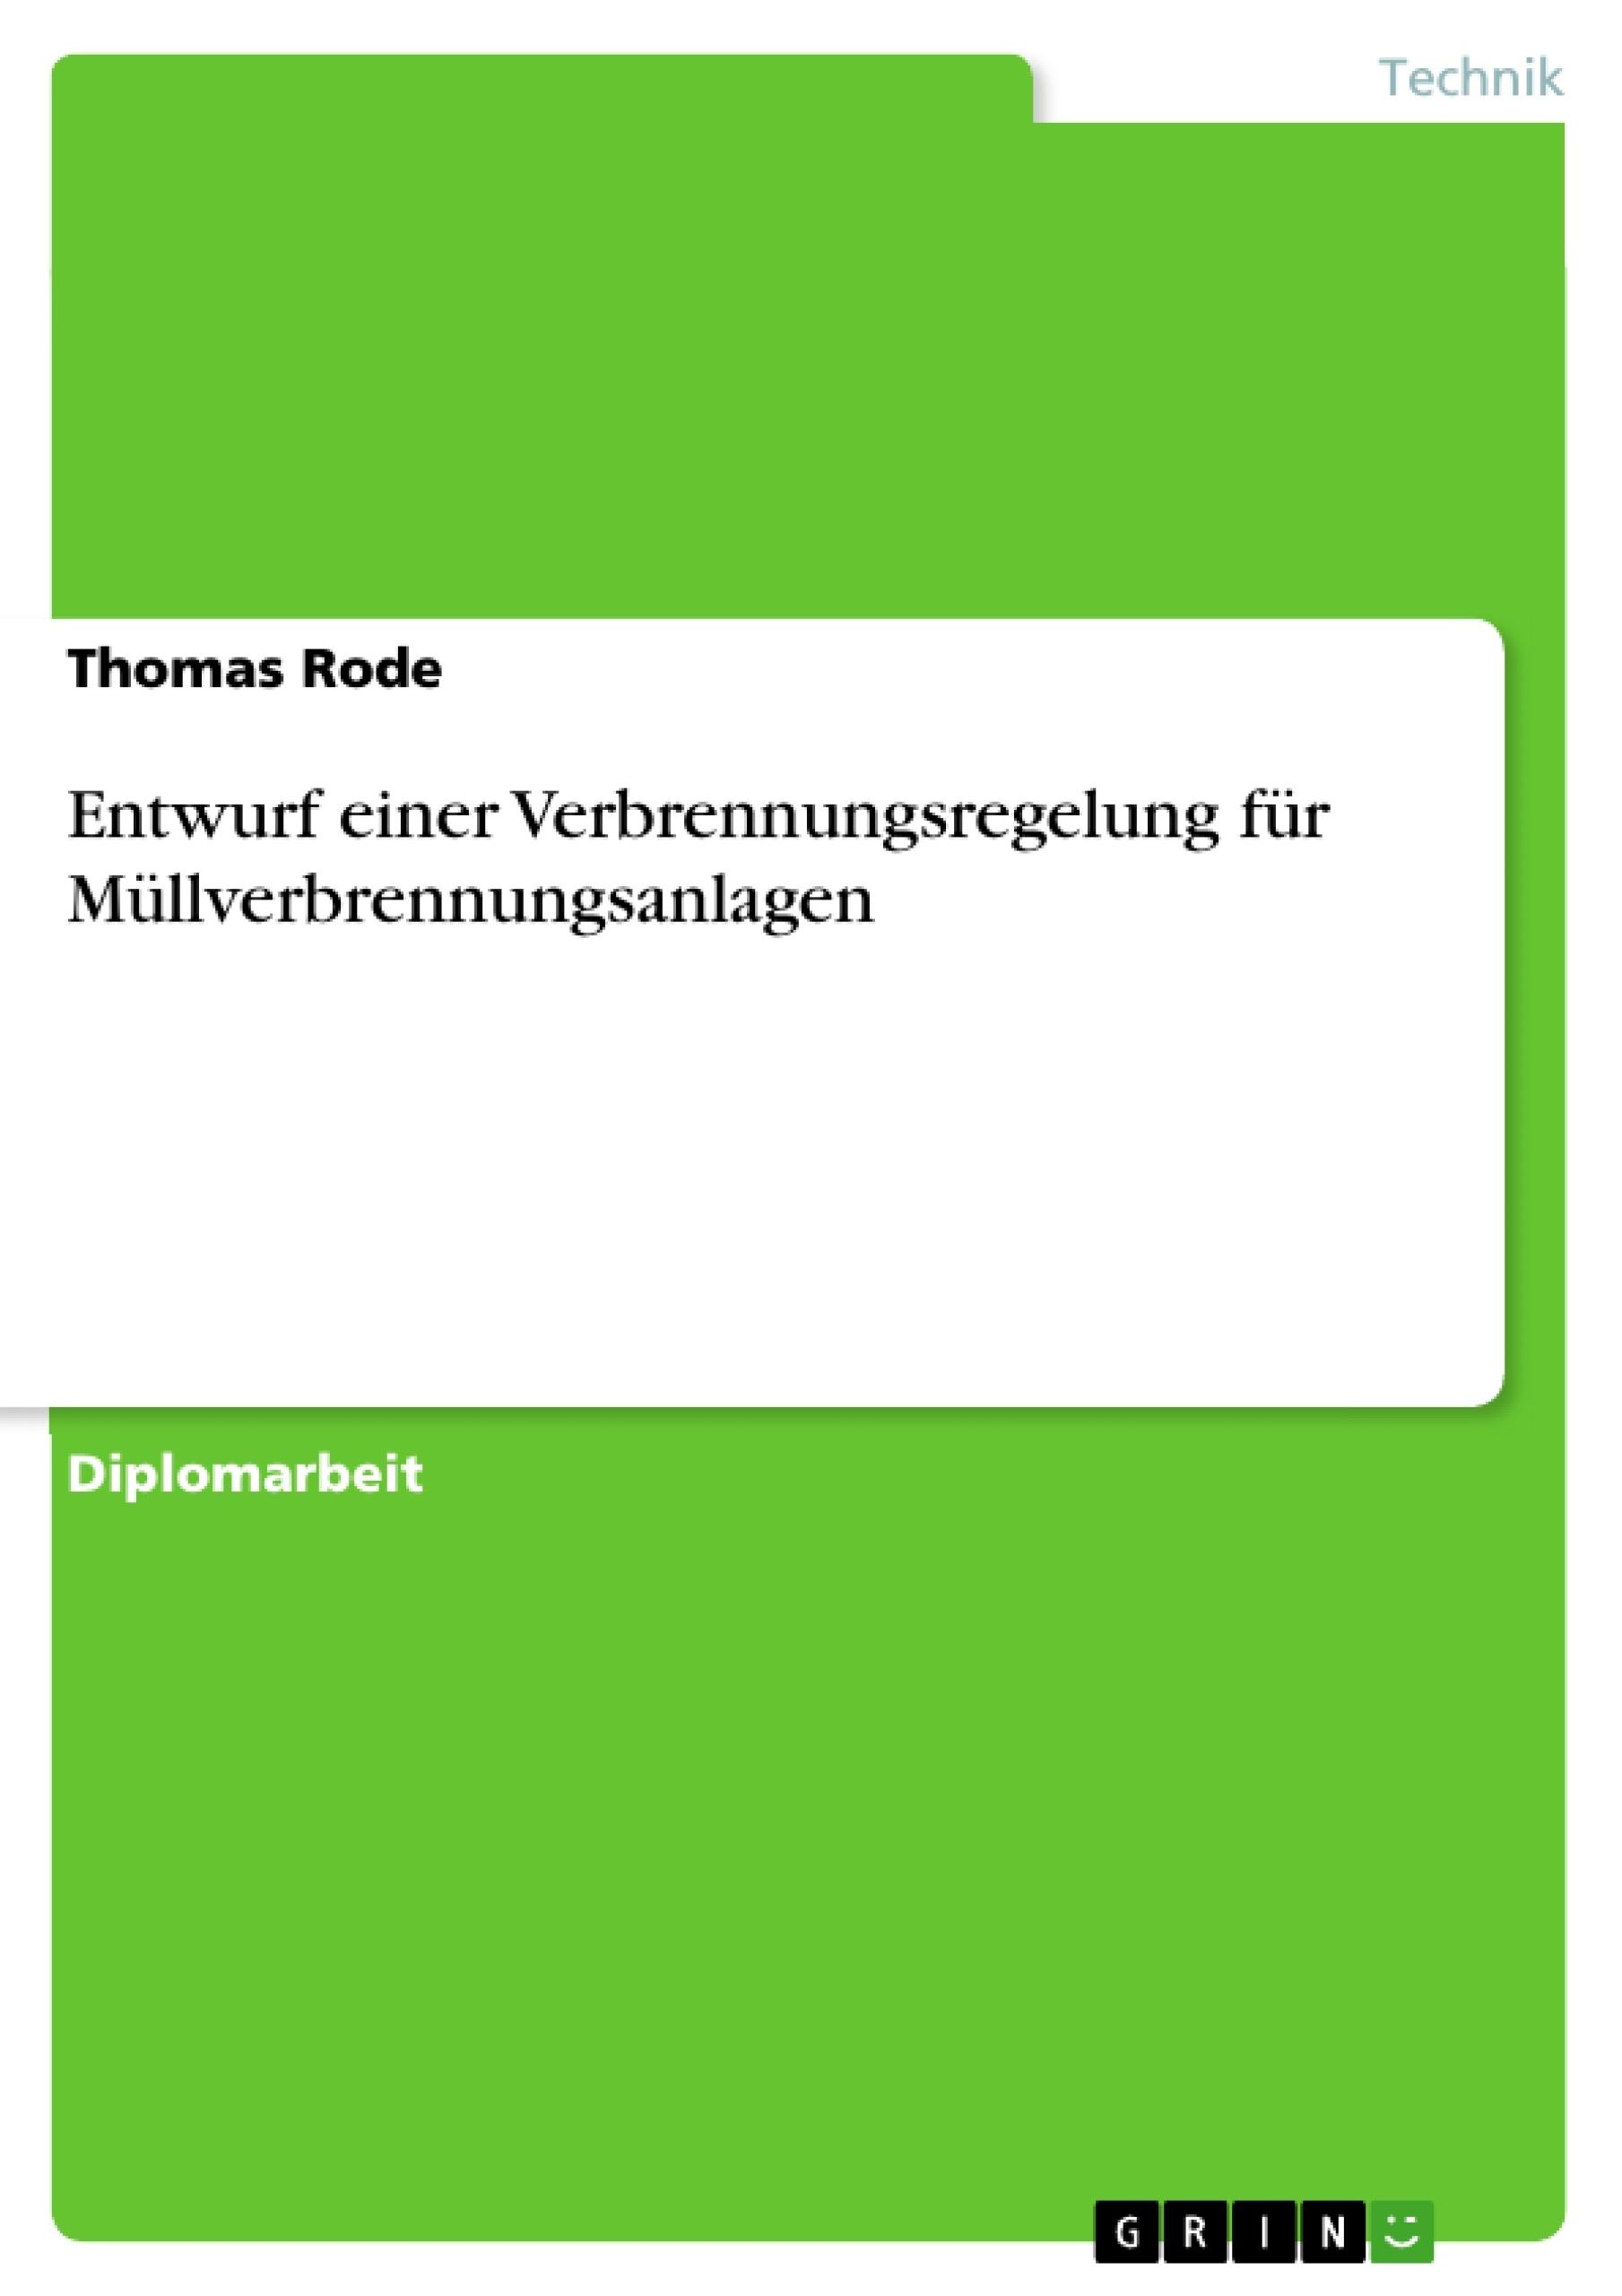 Titel: Entwurf einer Verbrennungsregelung für Müllverbrennungsanlagen